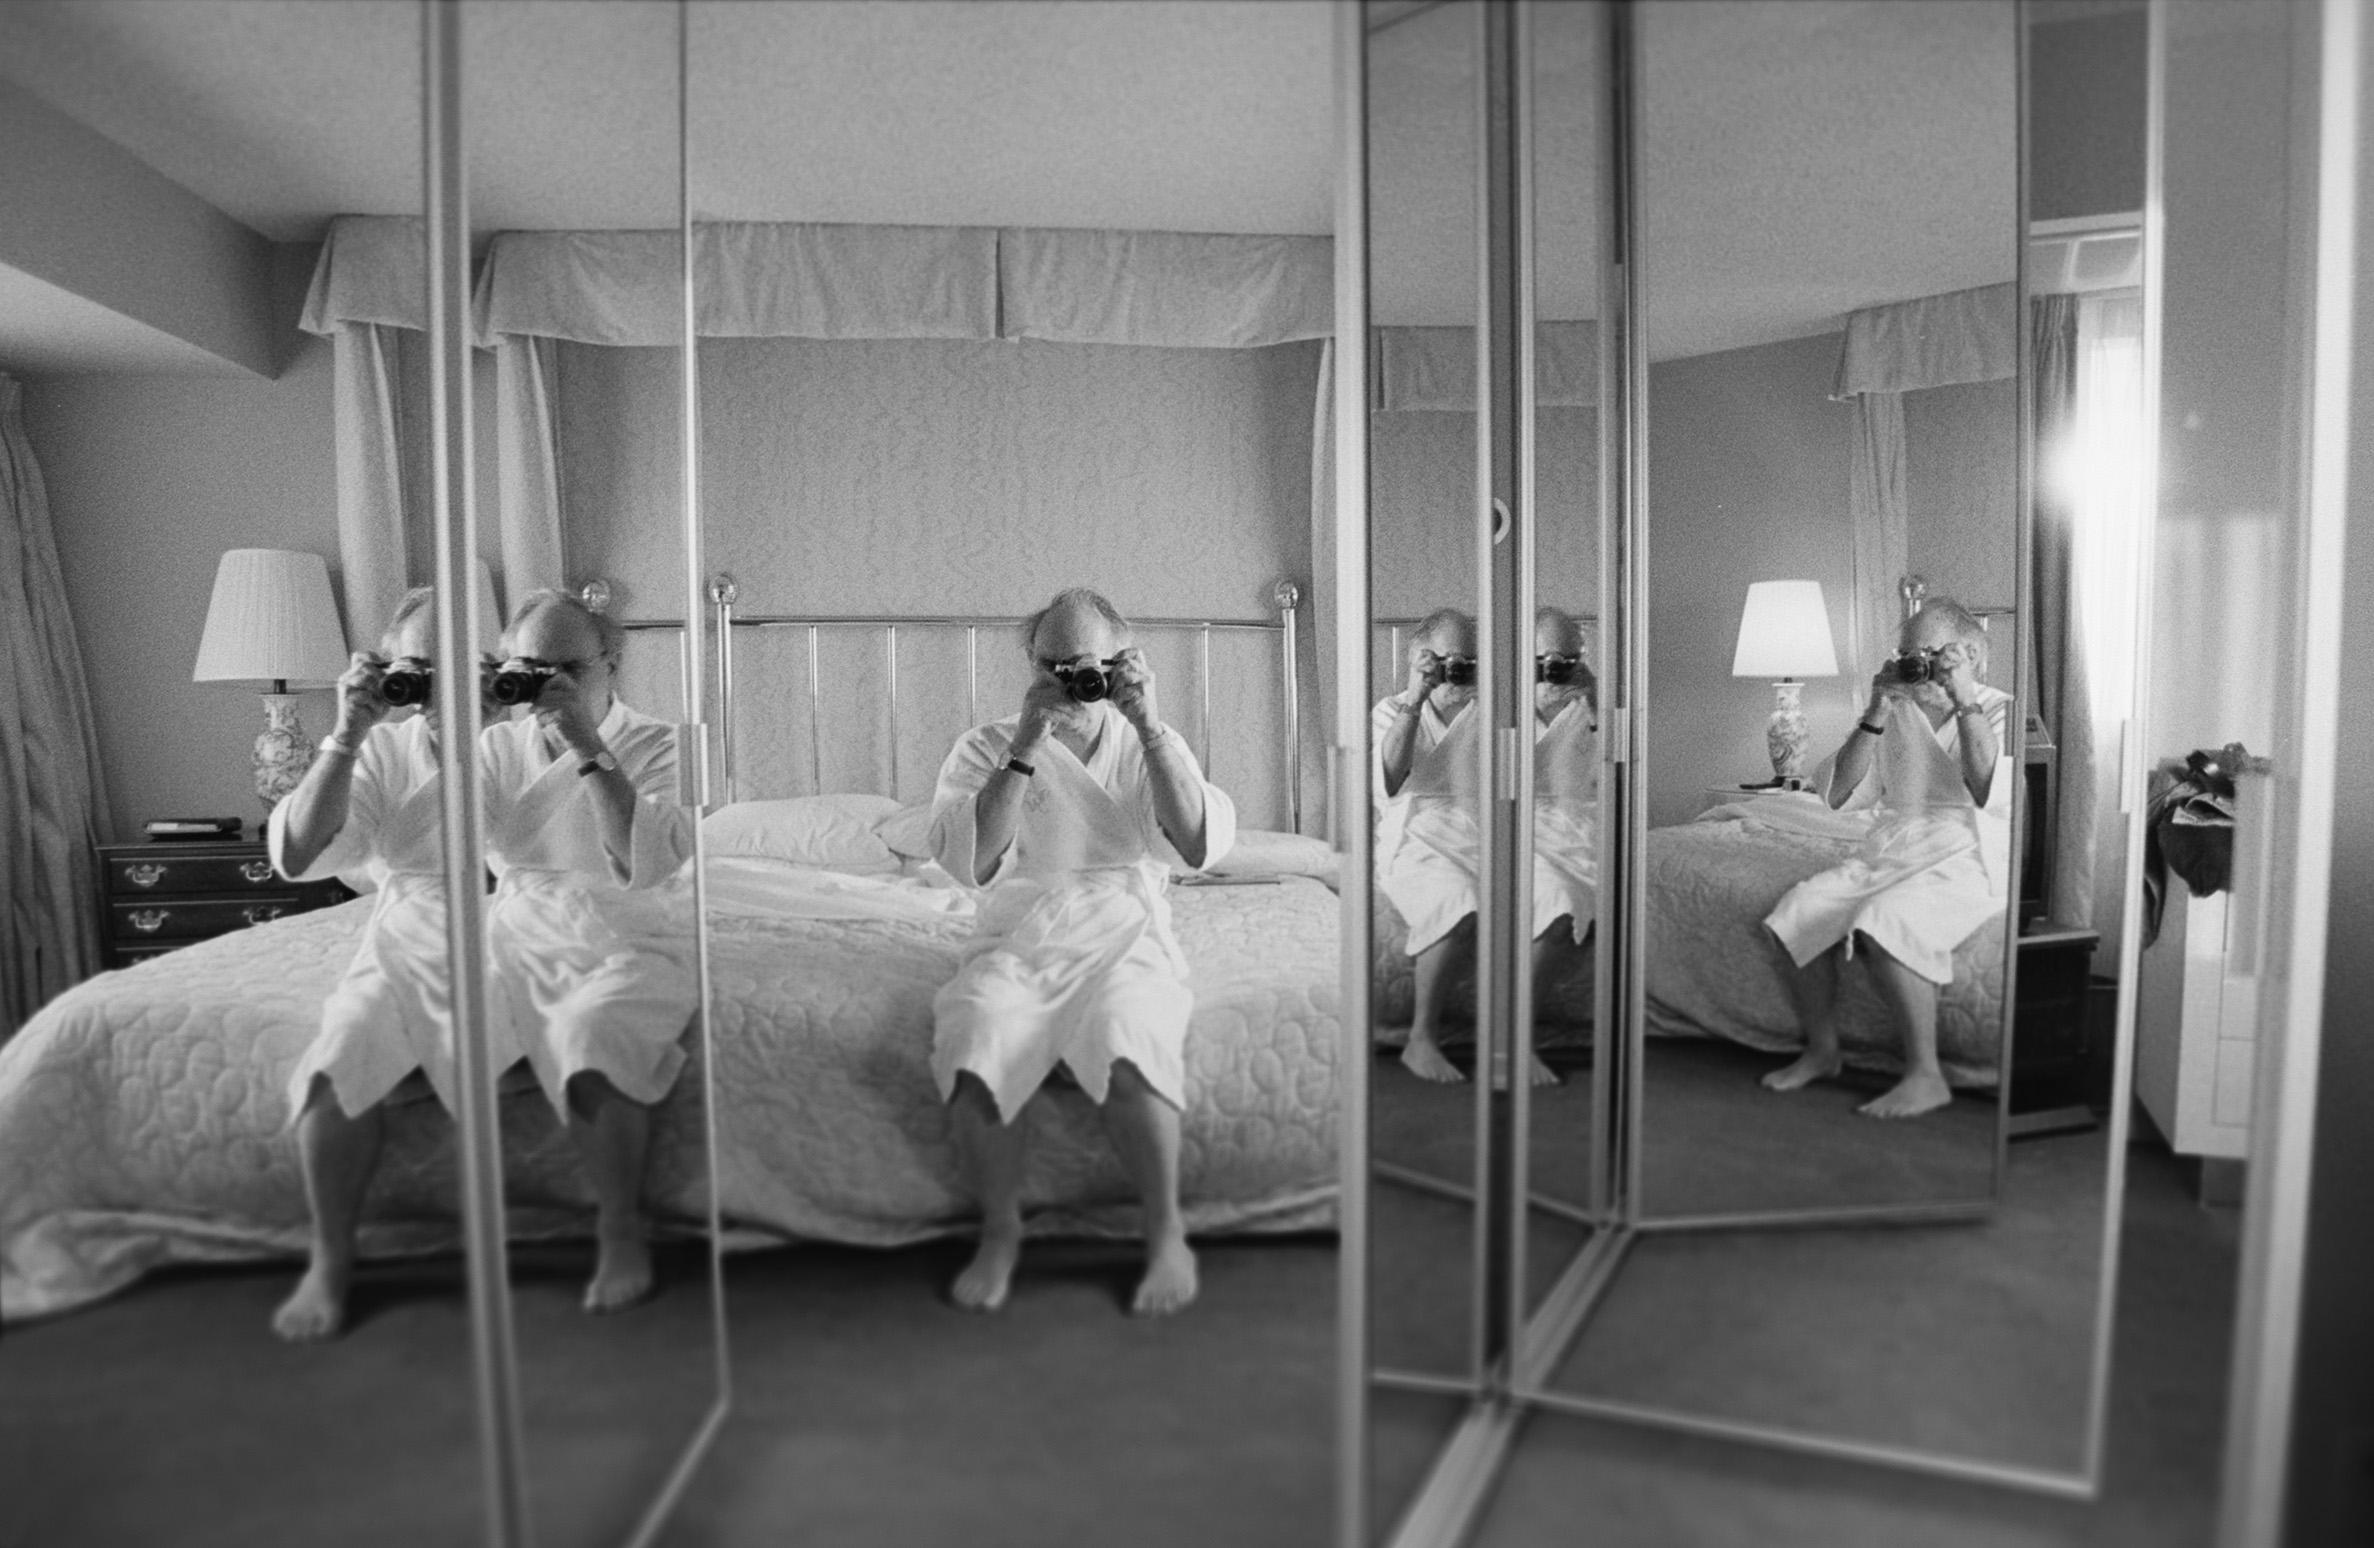 Carlos Saura tras la cámara: las fotografías del cineasta en una exposición